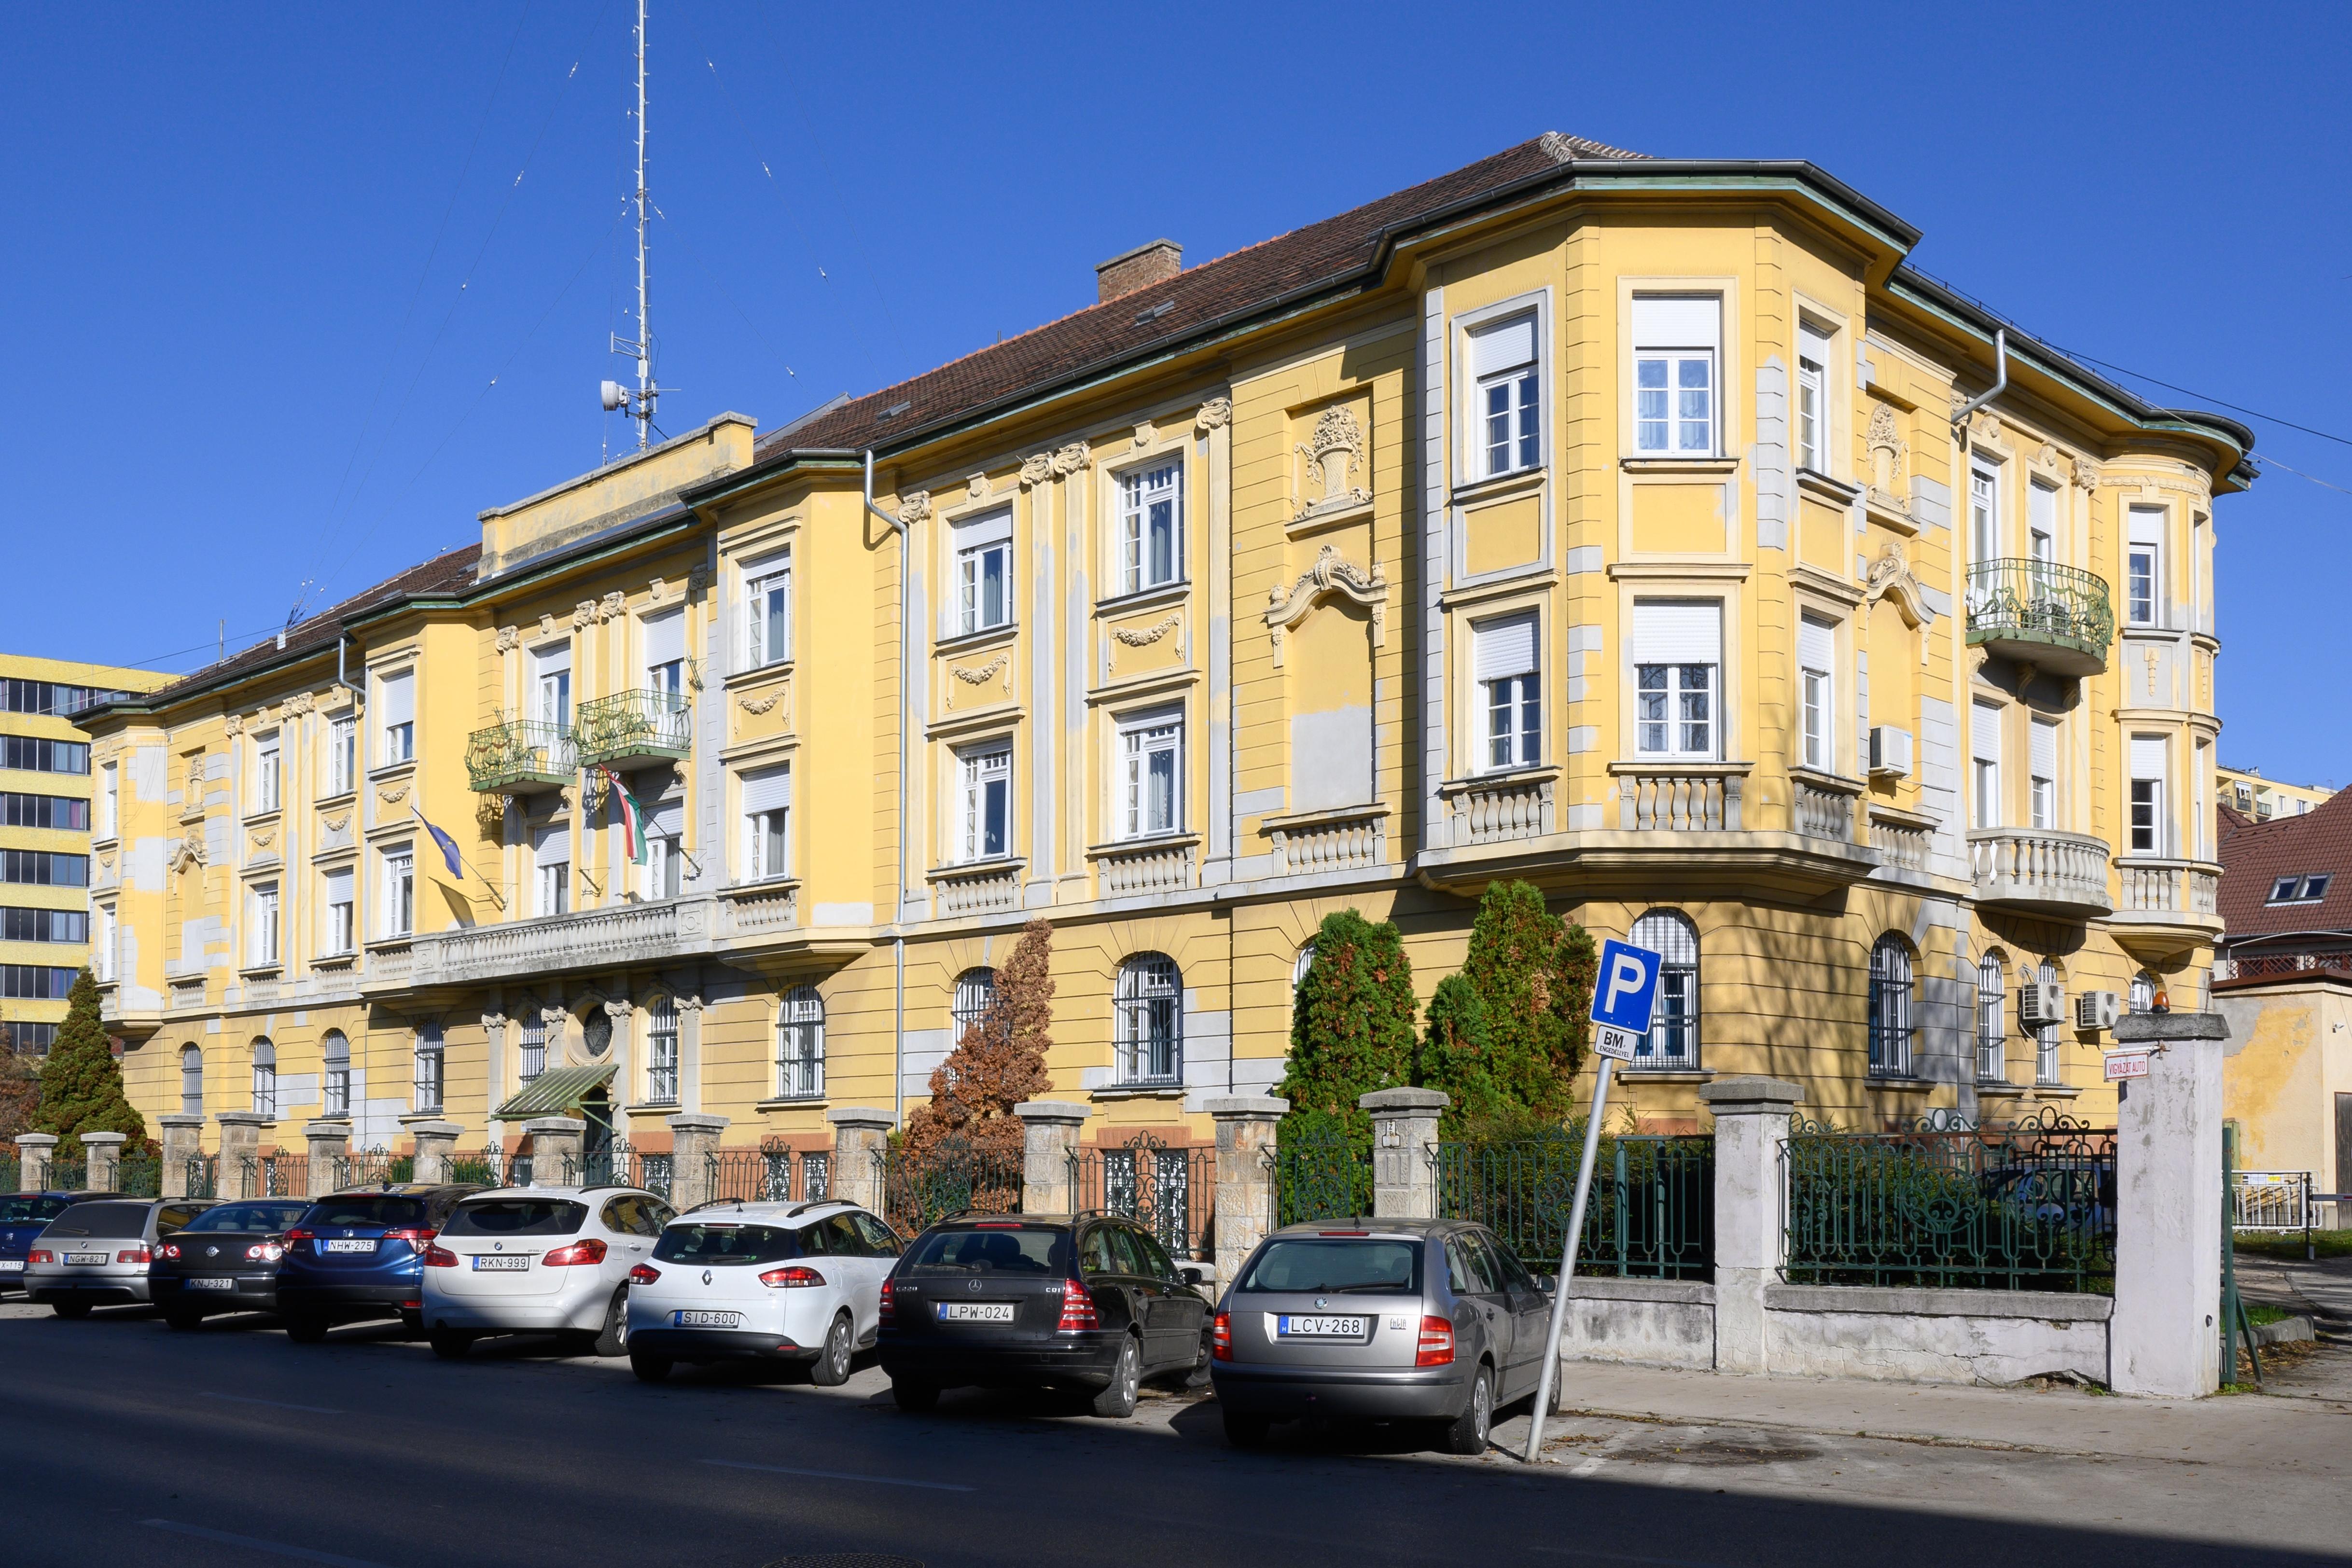 budai_ut-deak_ferenc_utca_2_szabo-palota_dsc_0465.jpg